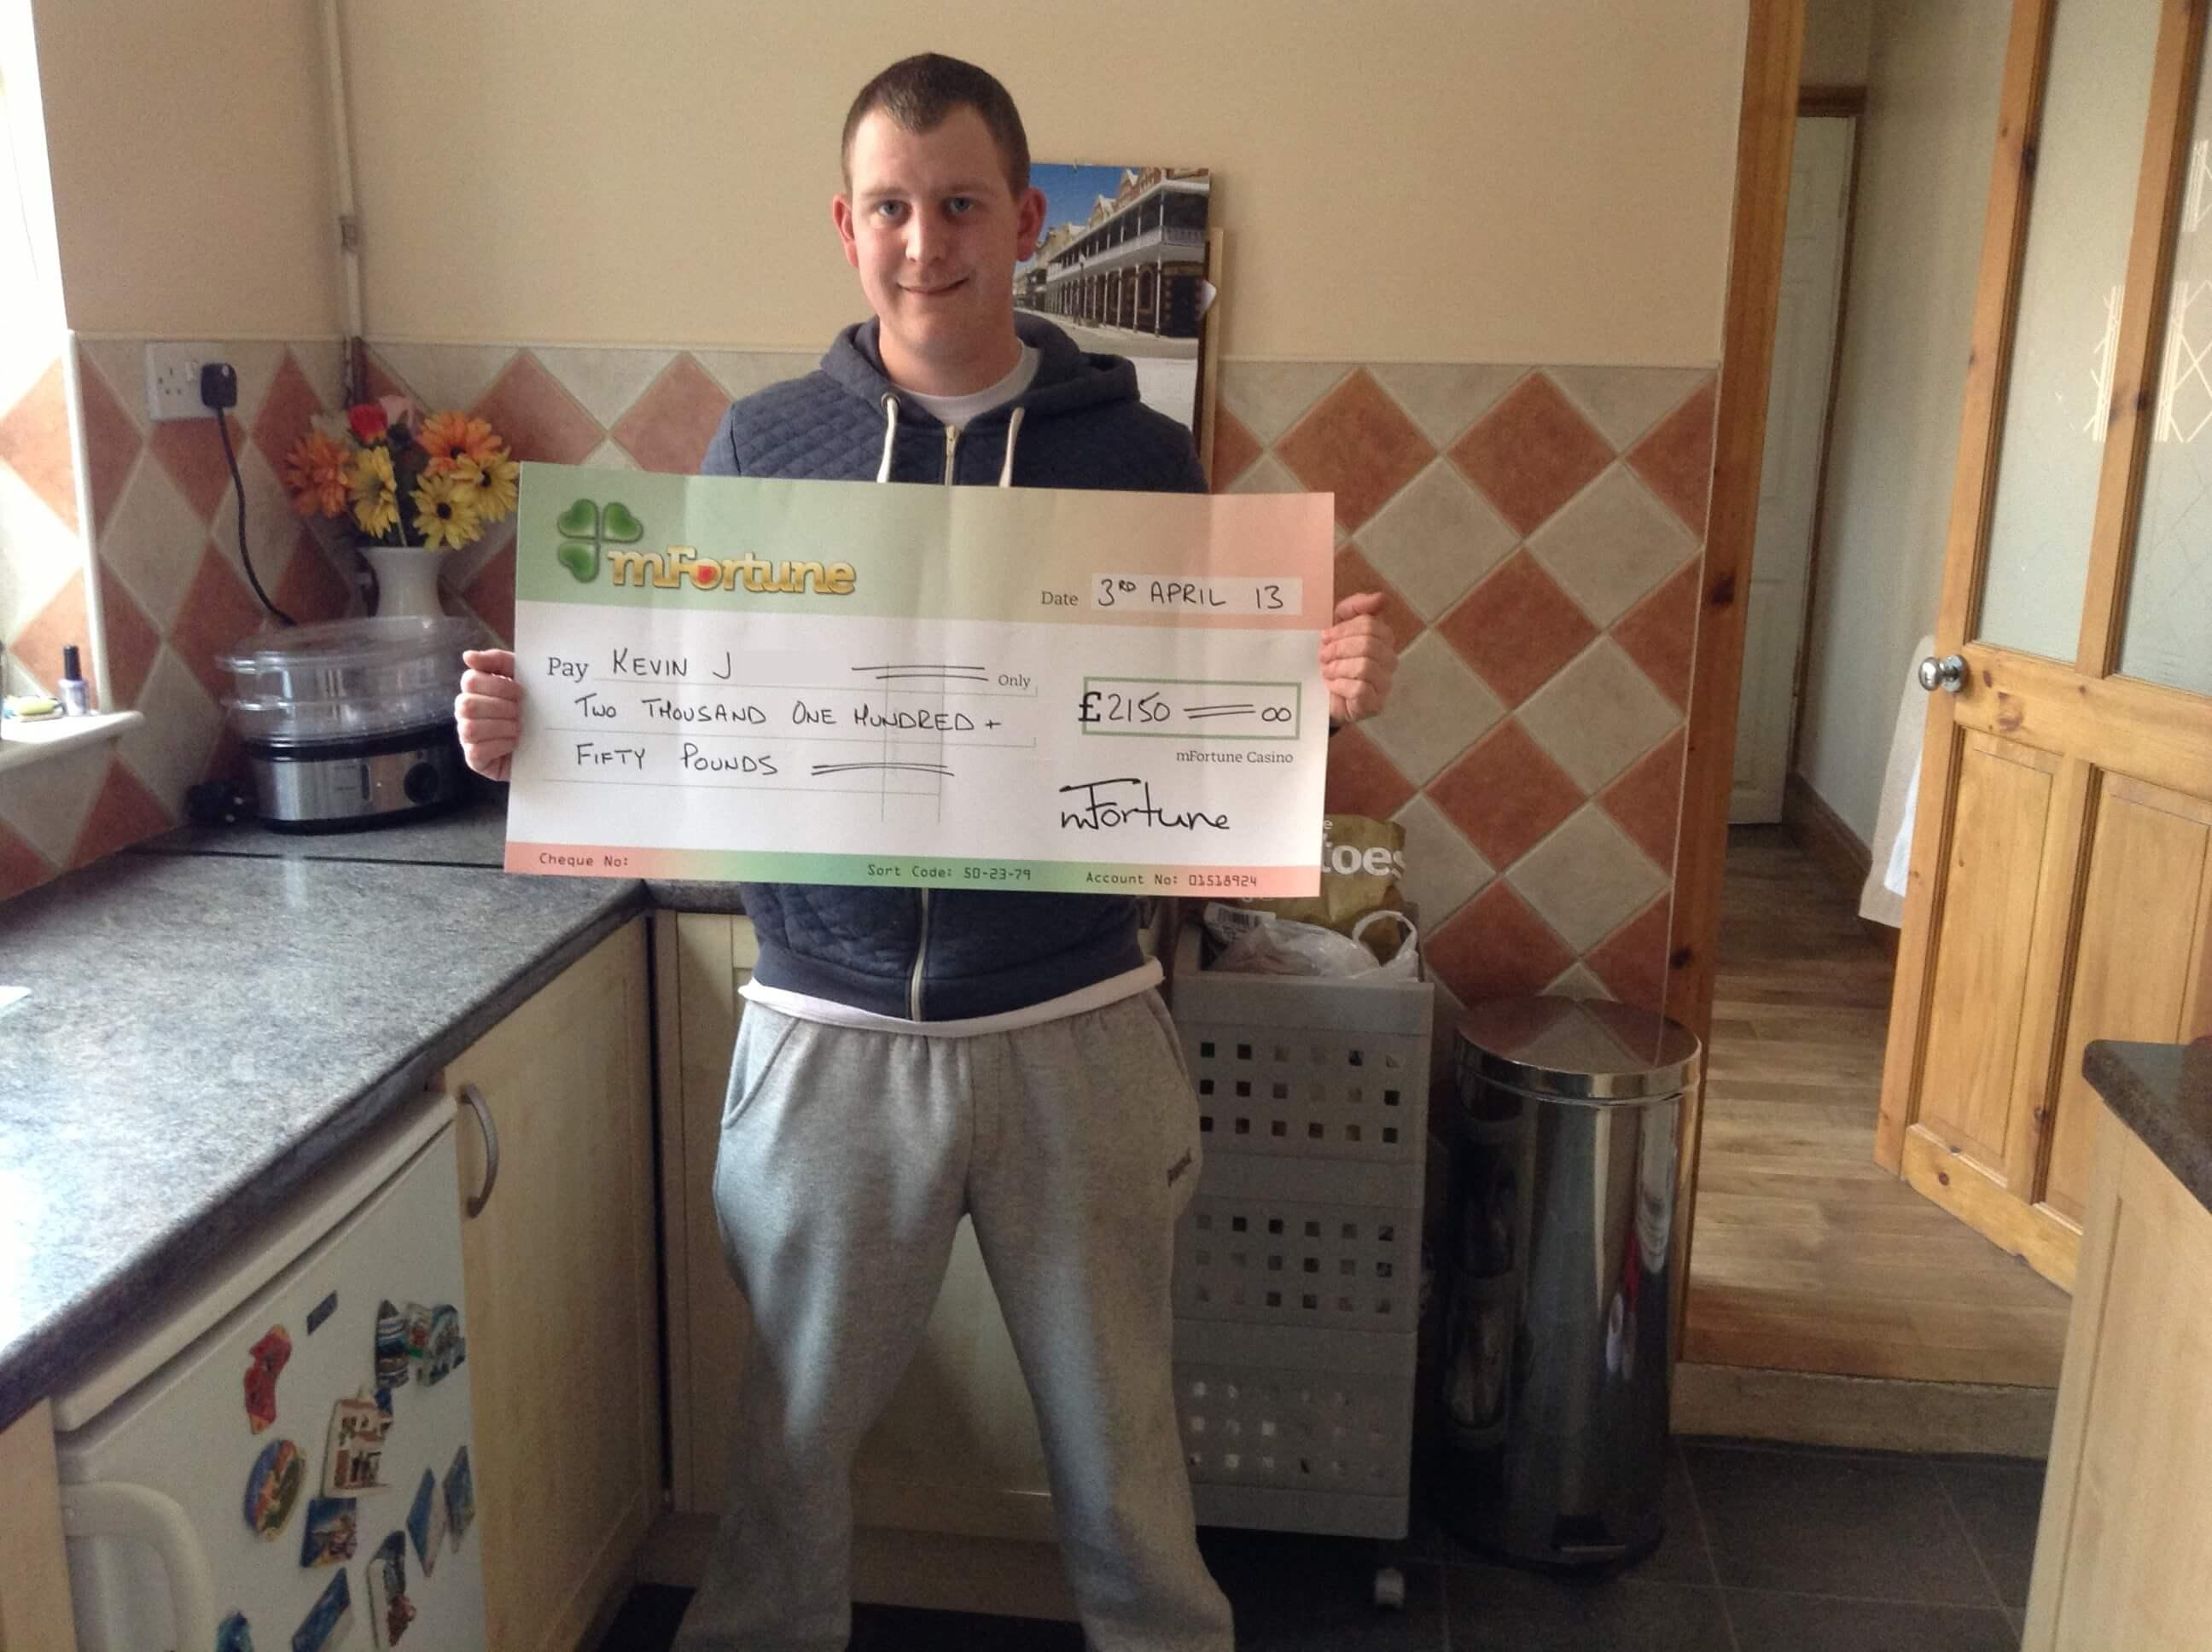 Kevin J won £ 2,150